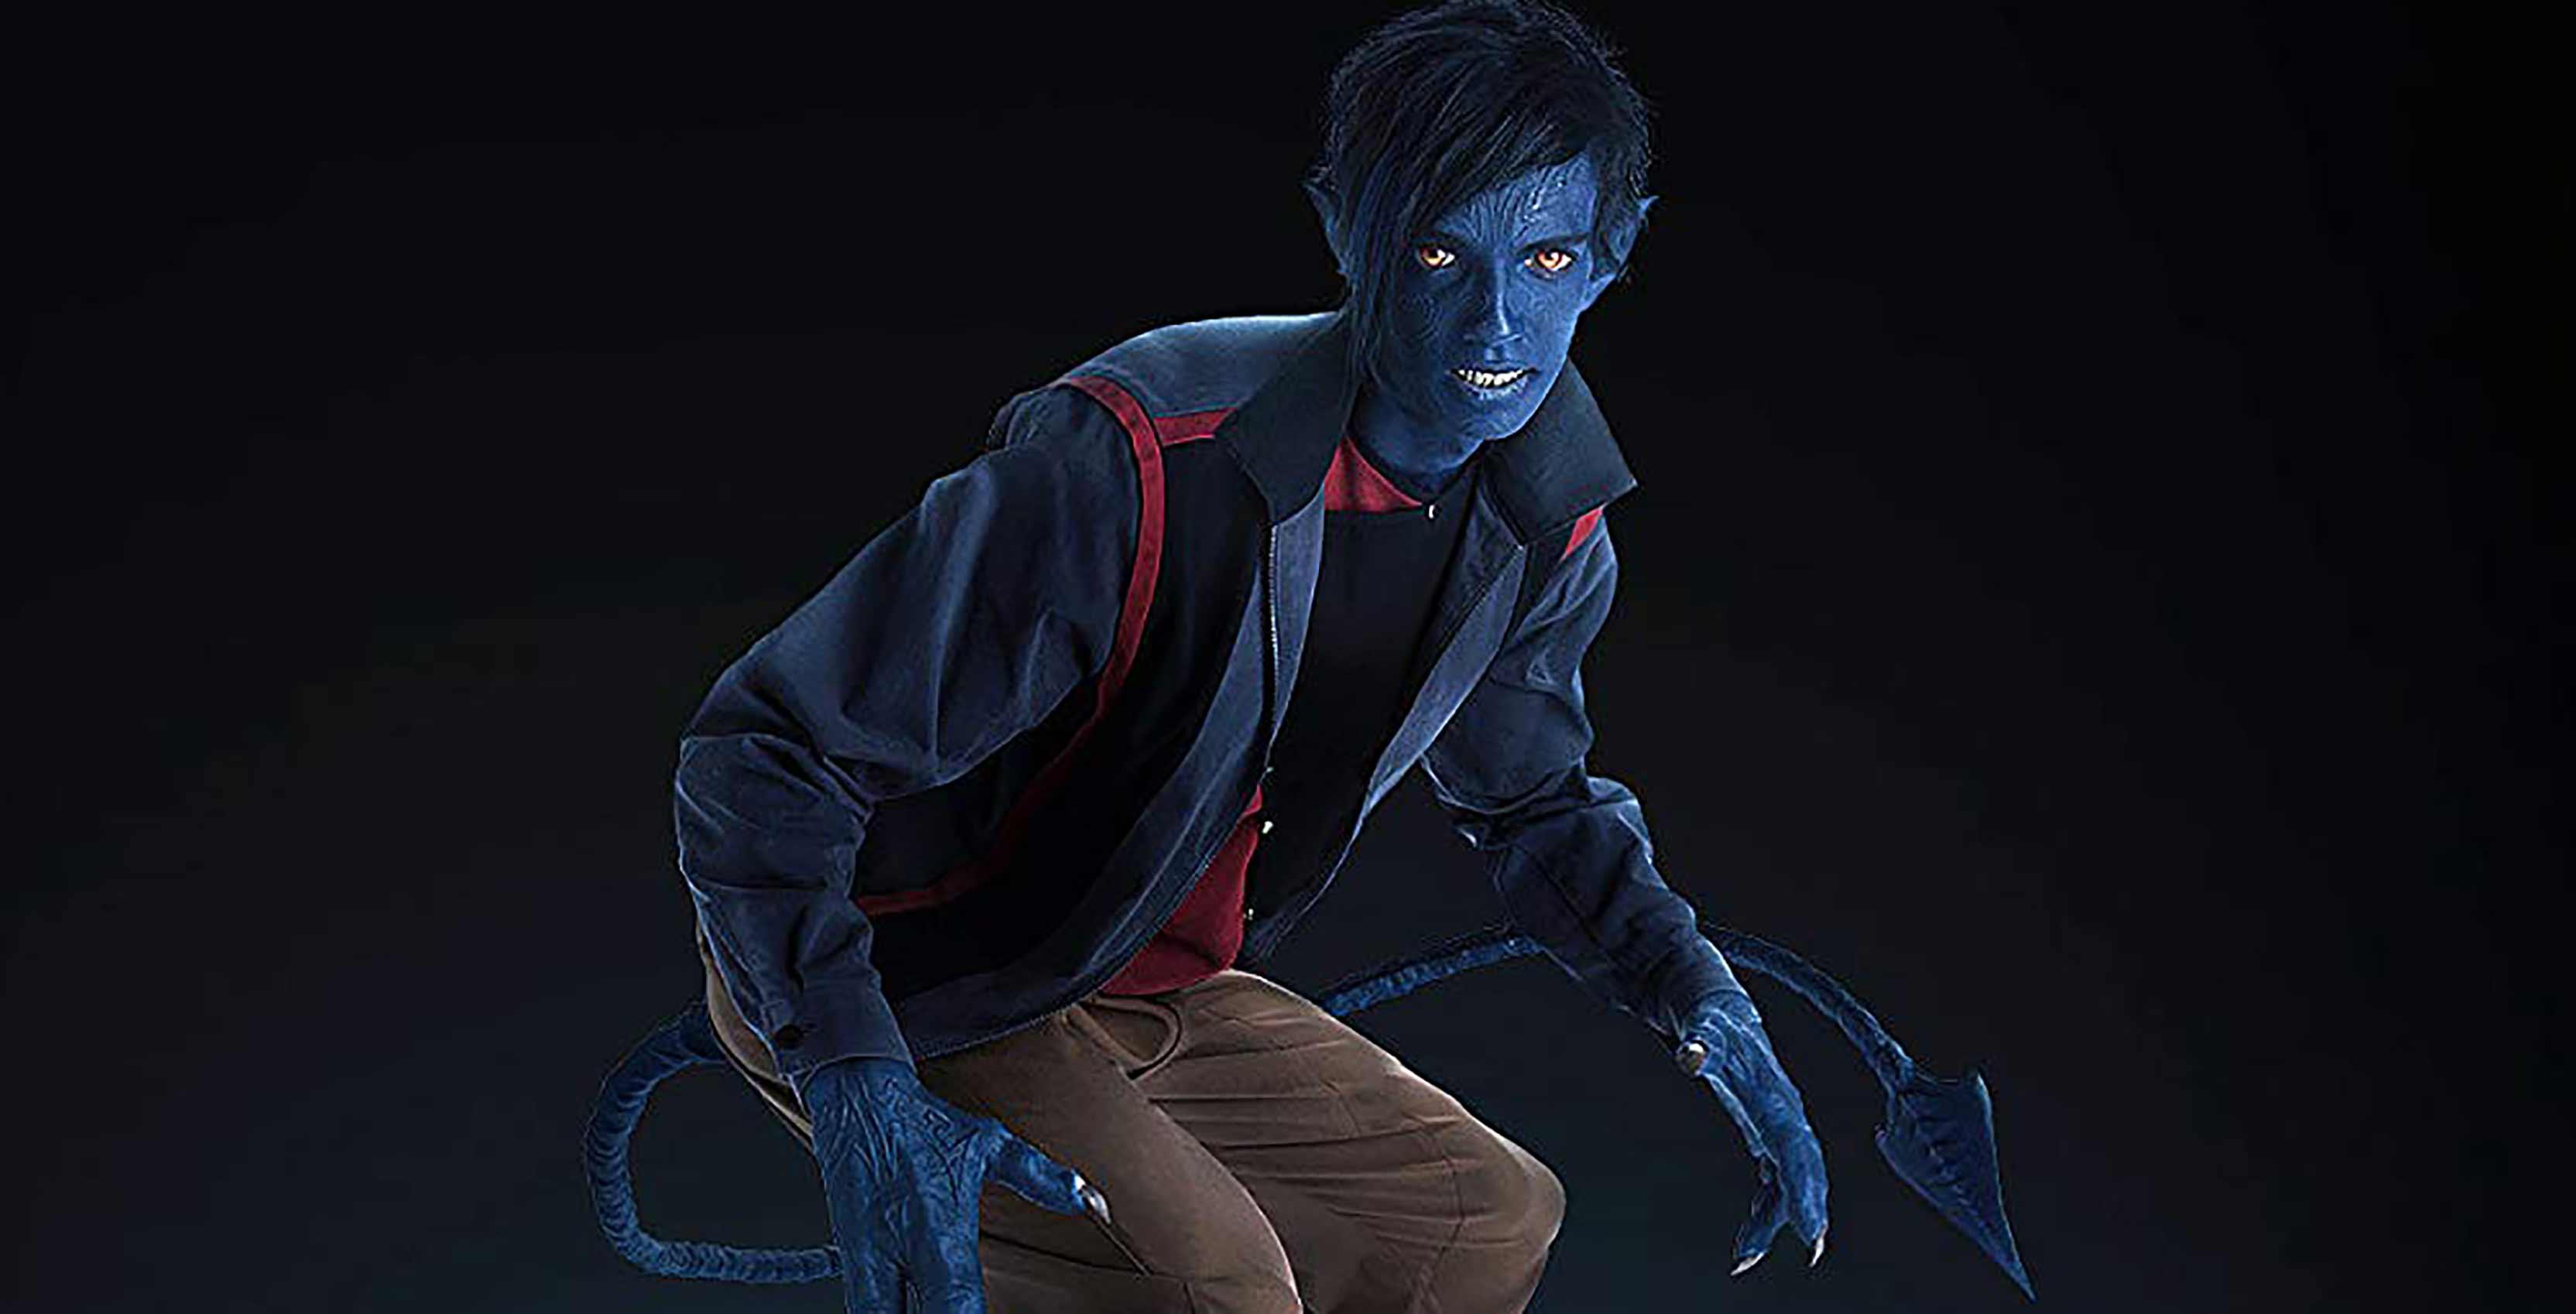 Nightcrawler in X-Men: Apocalypse